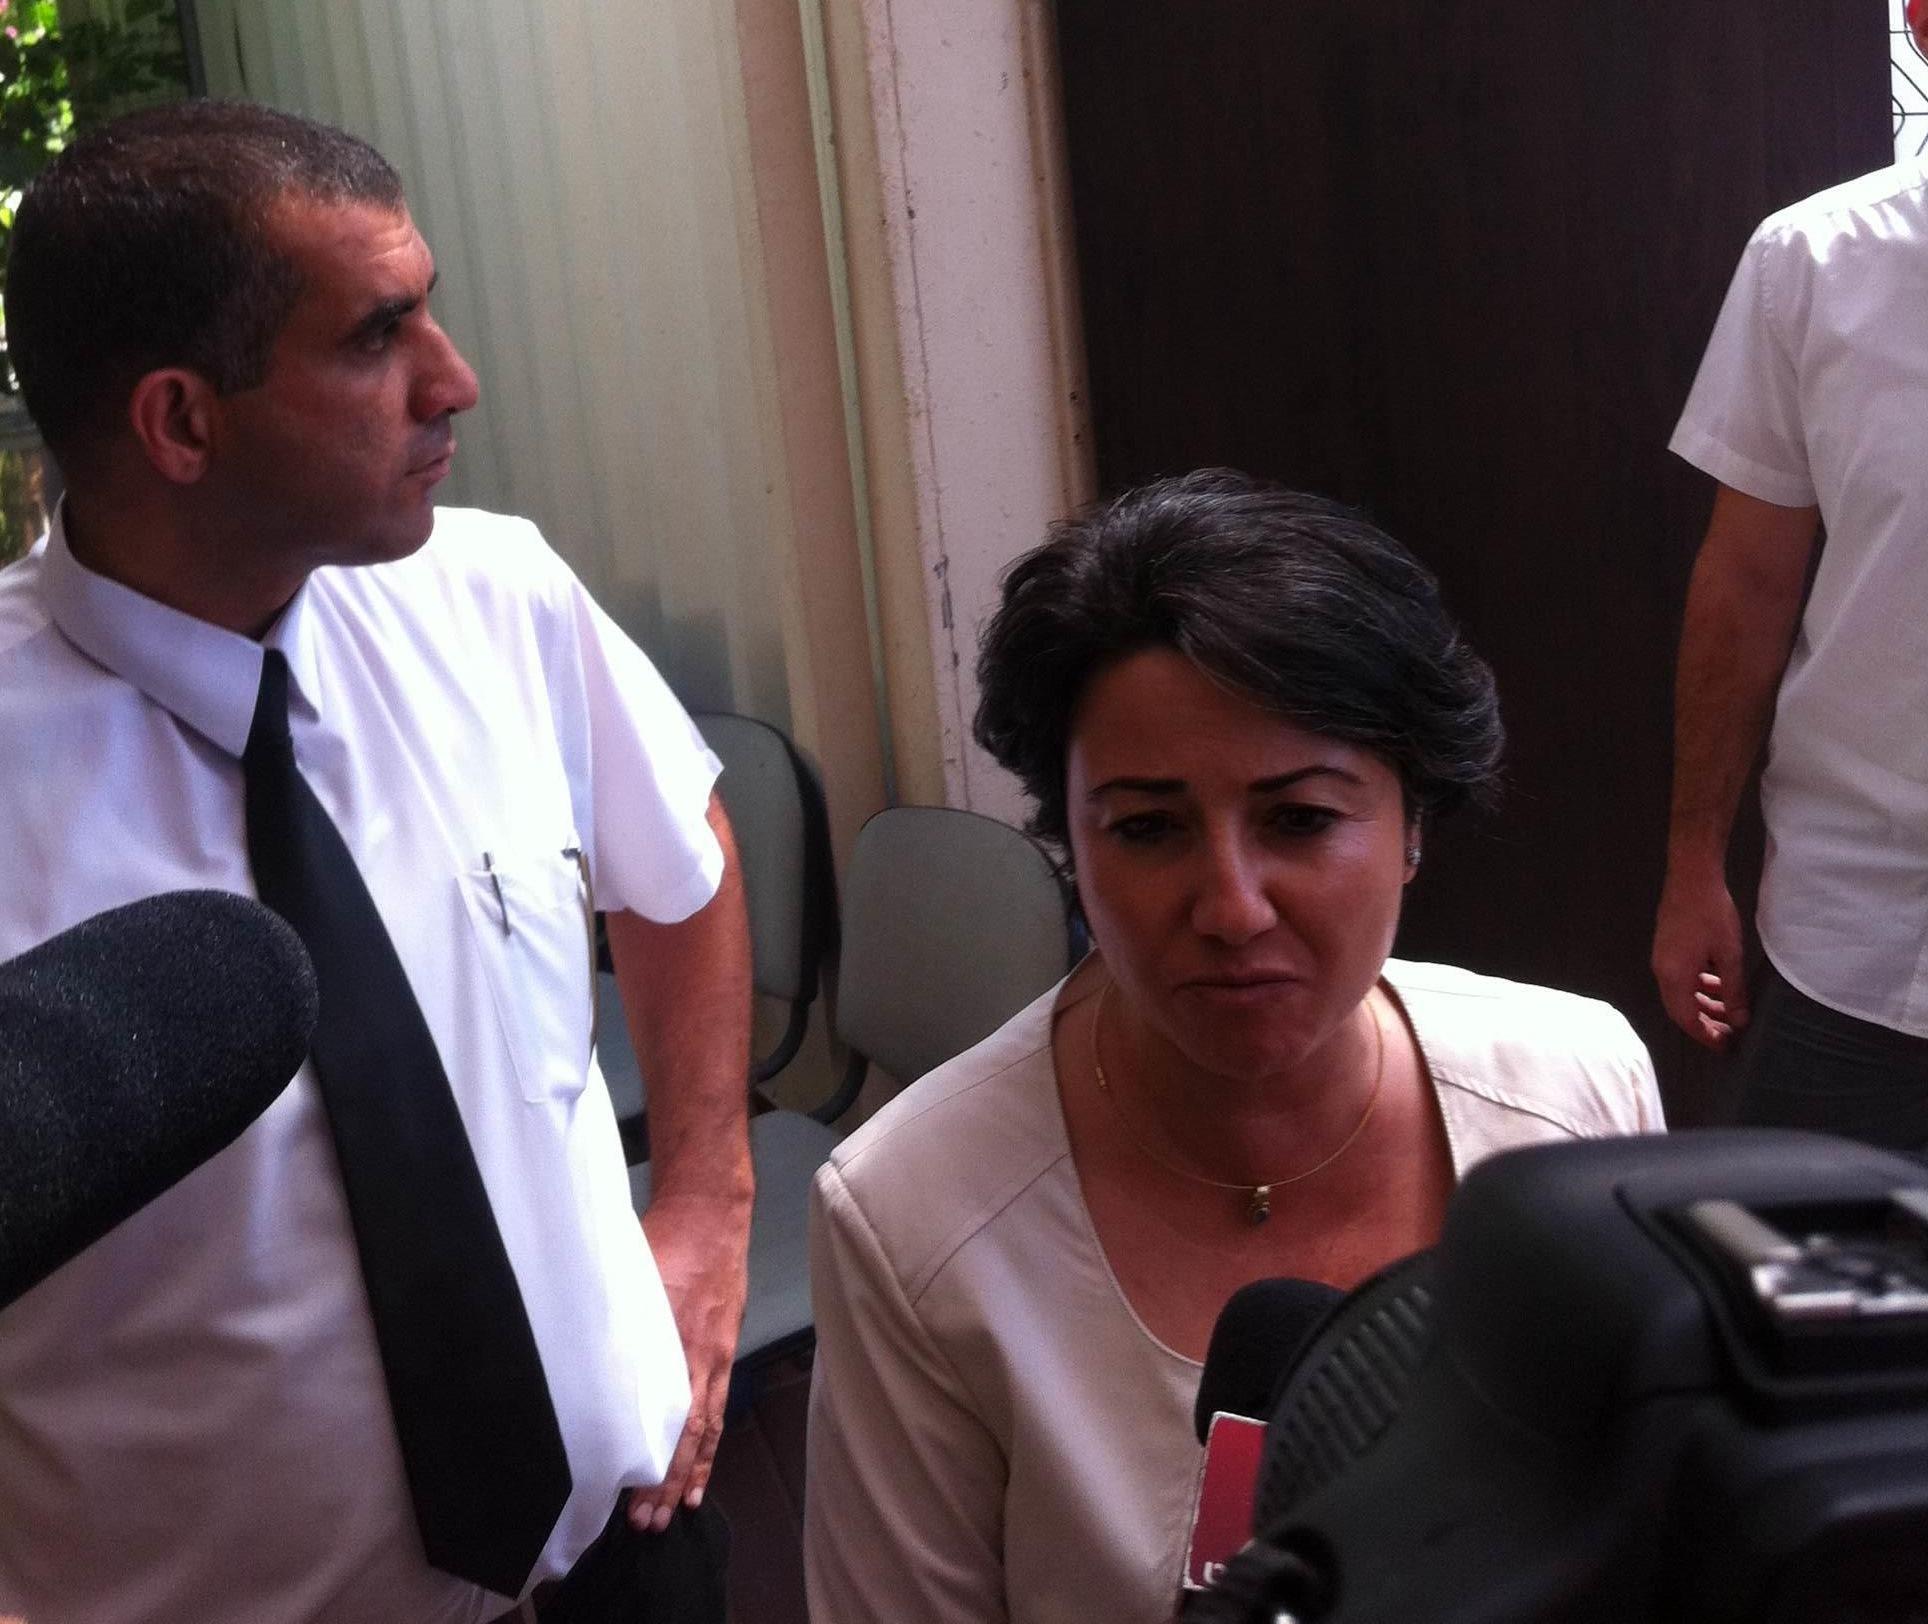 الشرطة توصي بمحاكمة النائبة زعبي بشبهة التحريض على العنف